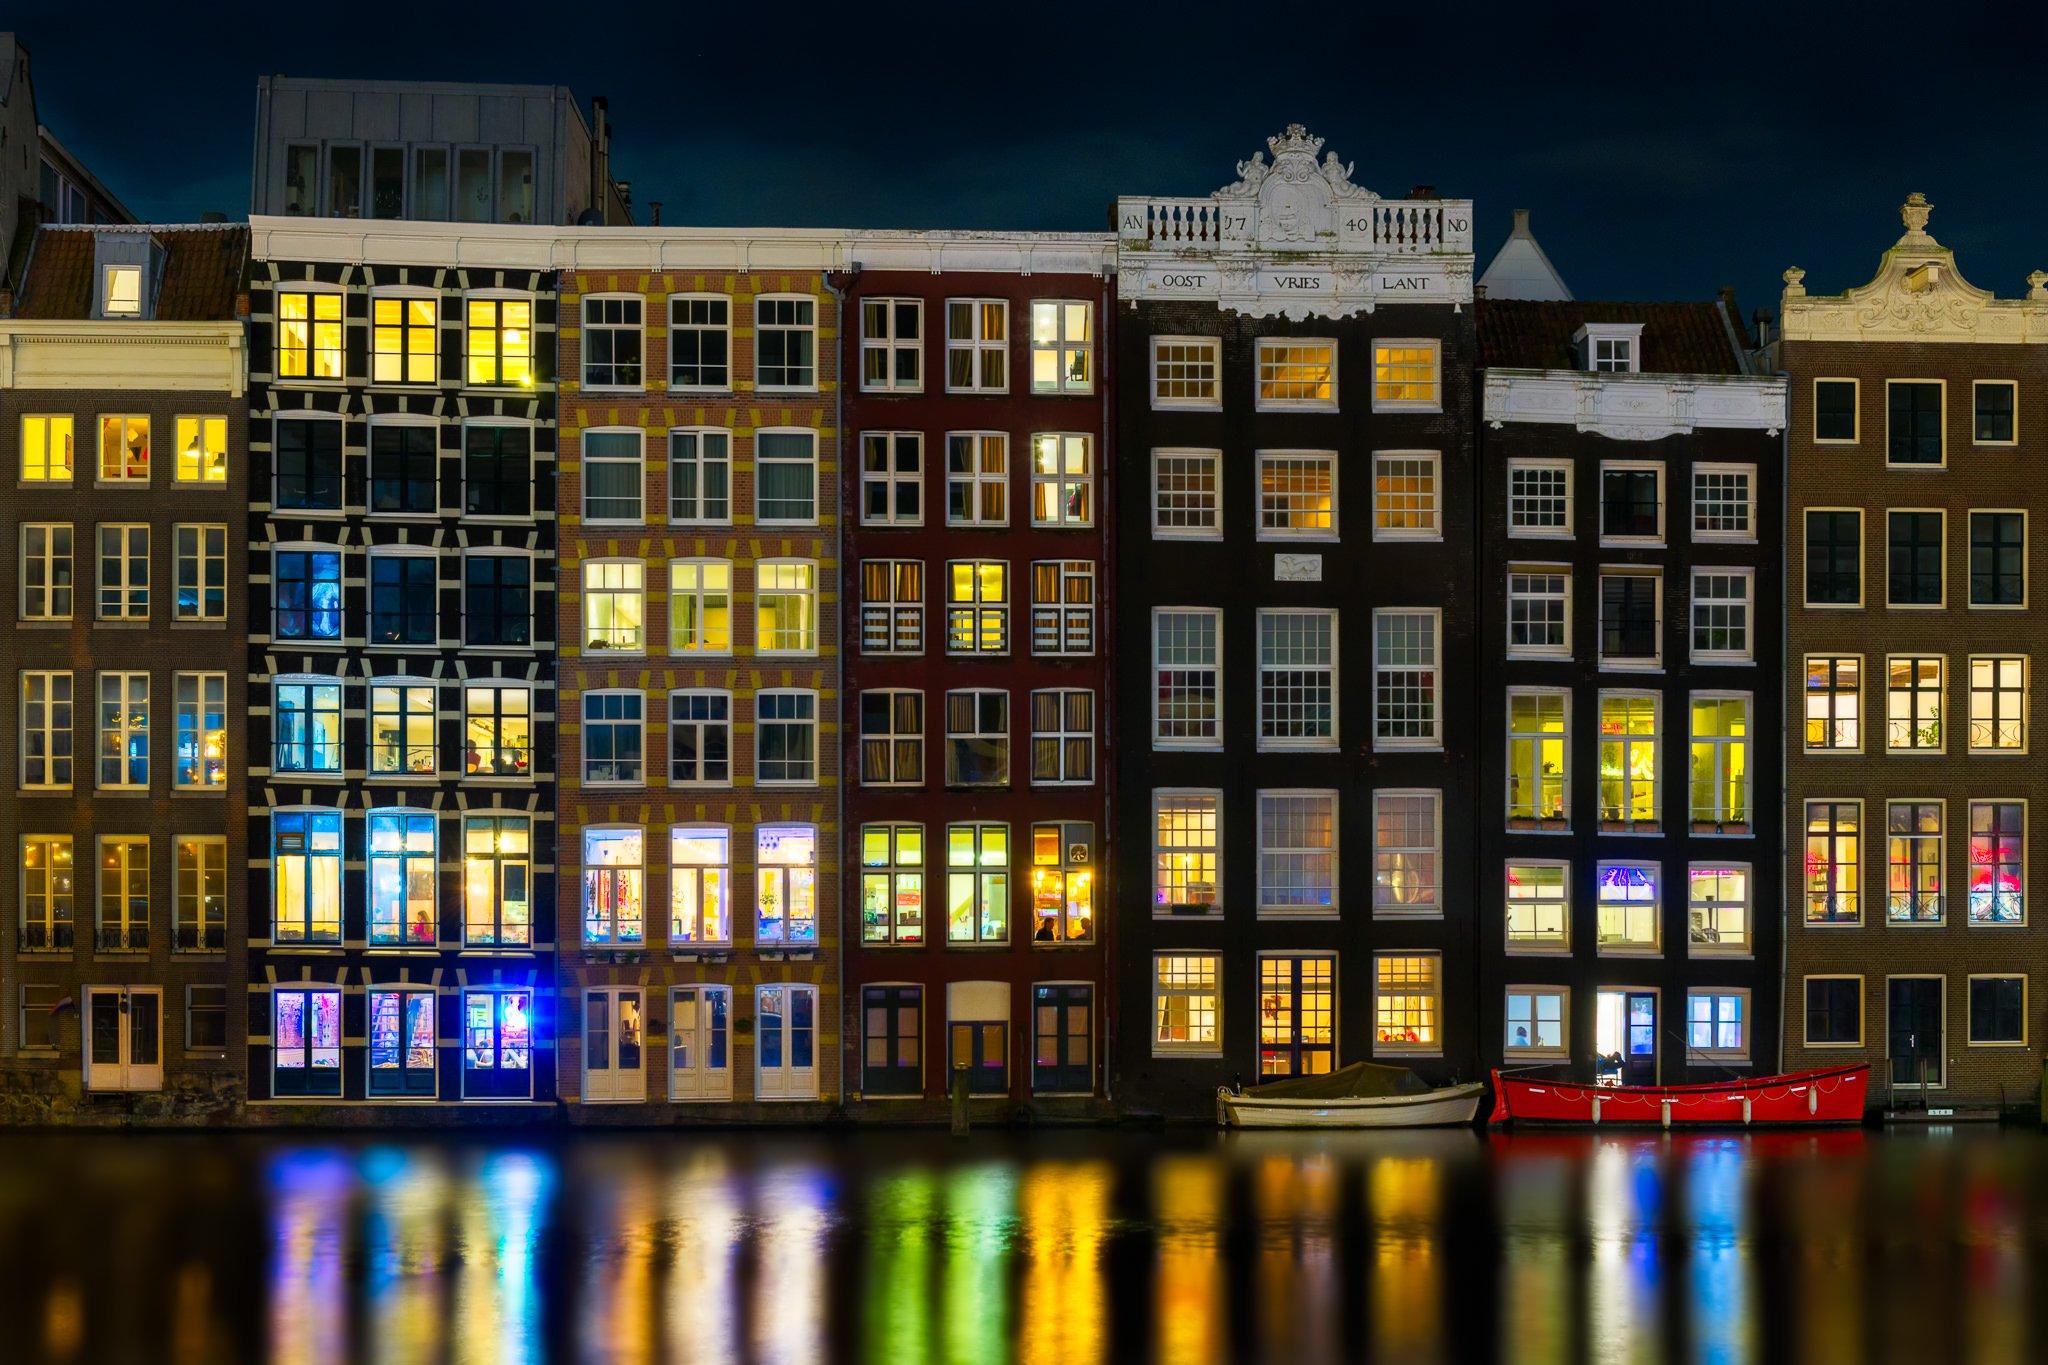 Nachtansicht von Amsterdam, Niederlande - Ansicht des Kanals, der Boote und der Häuser.